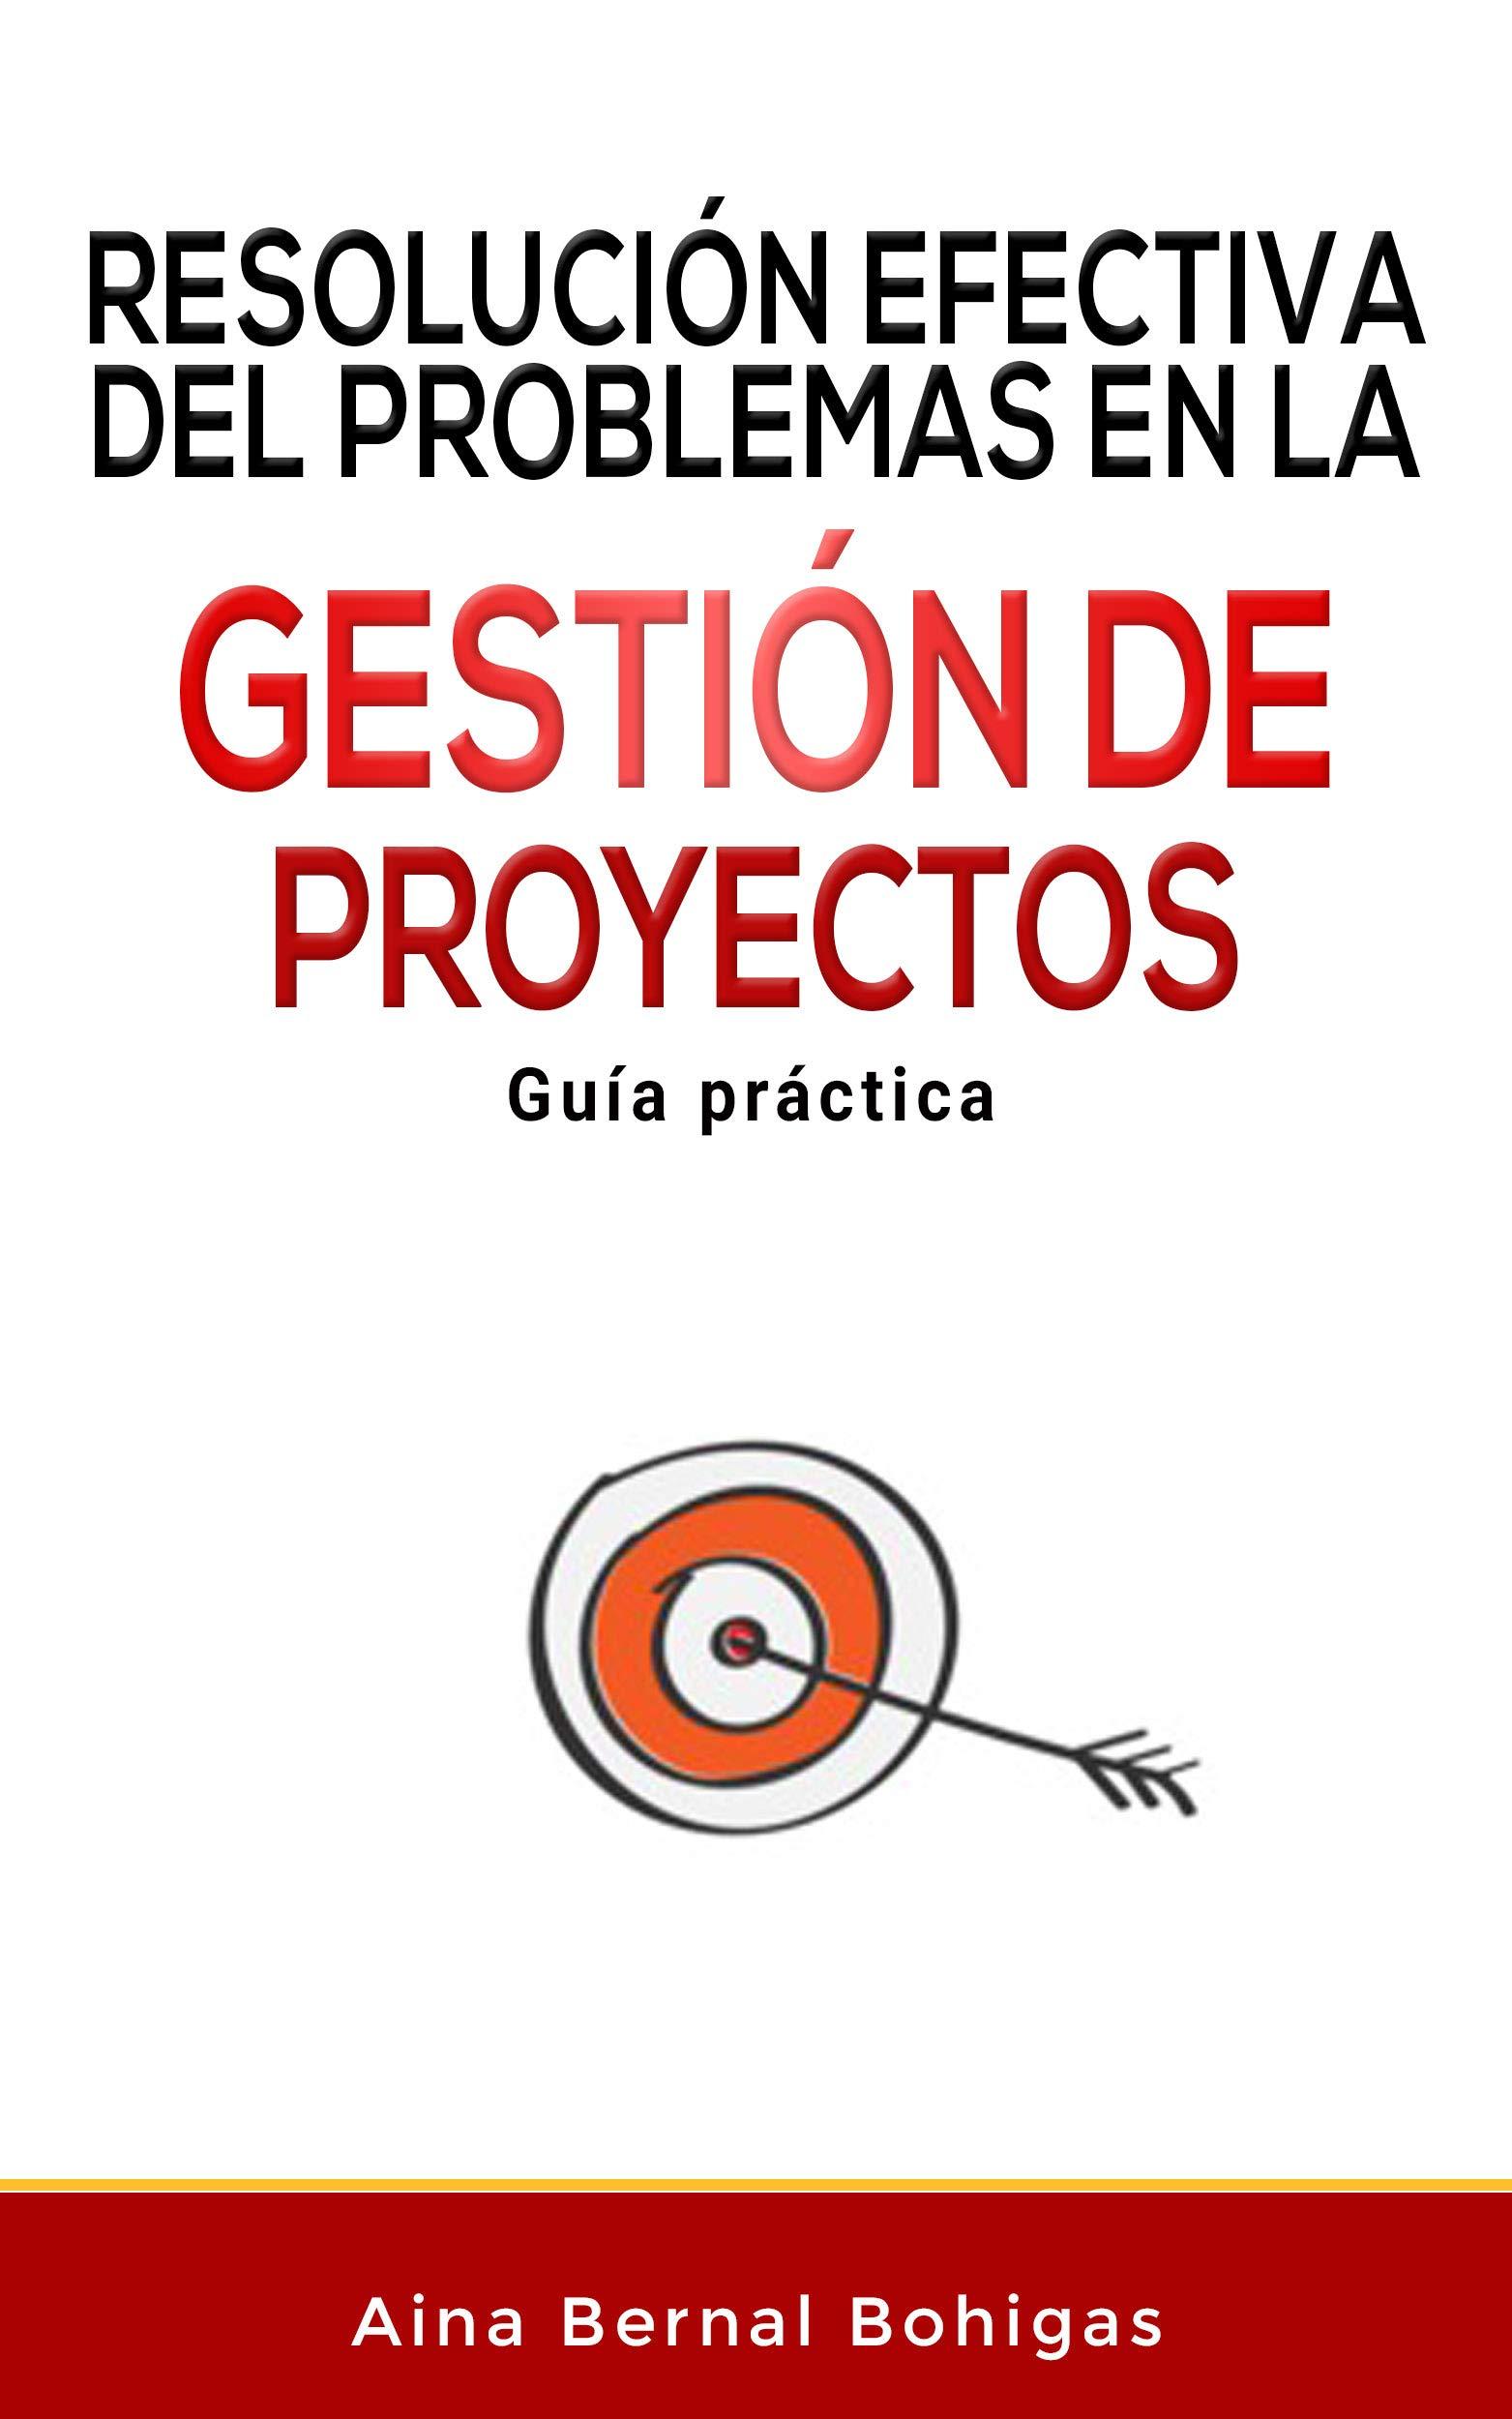 Resolución efectiva de problemas en la gestión de proyectos. Guía práctica (Ejecución efectiva en la gestión de proyectos nº 3) (Spanish Edition)